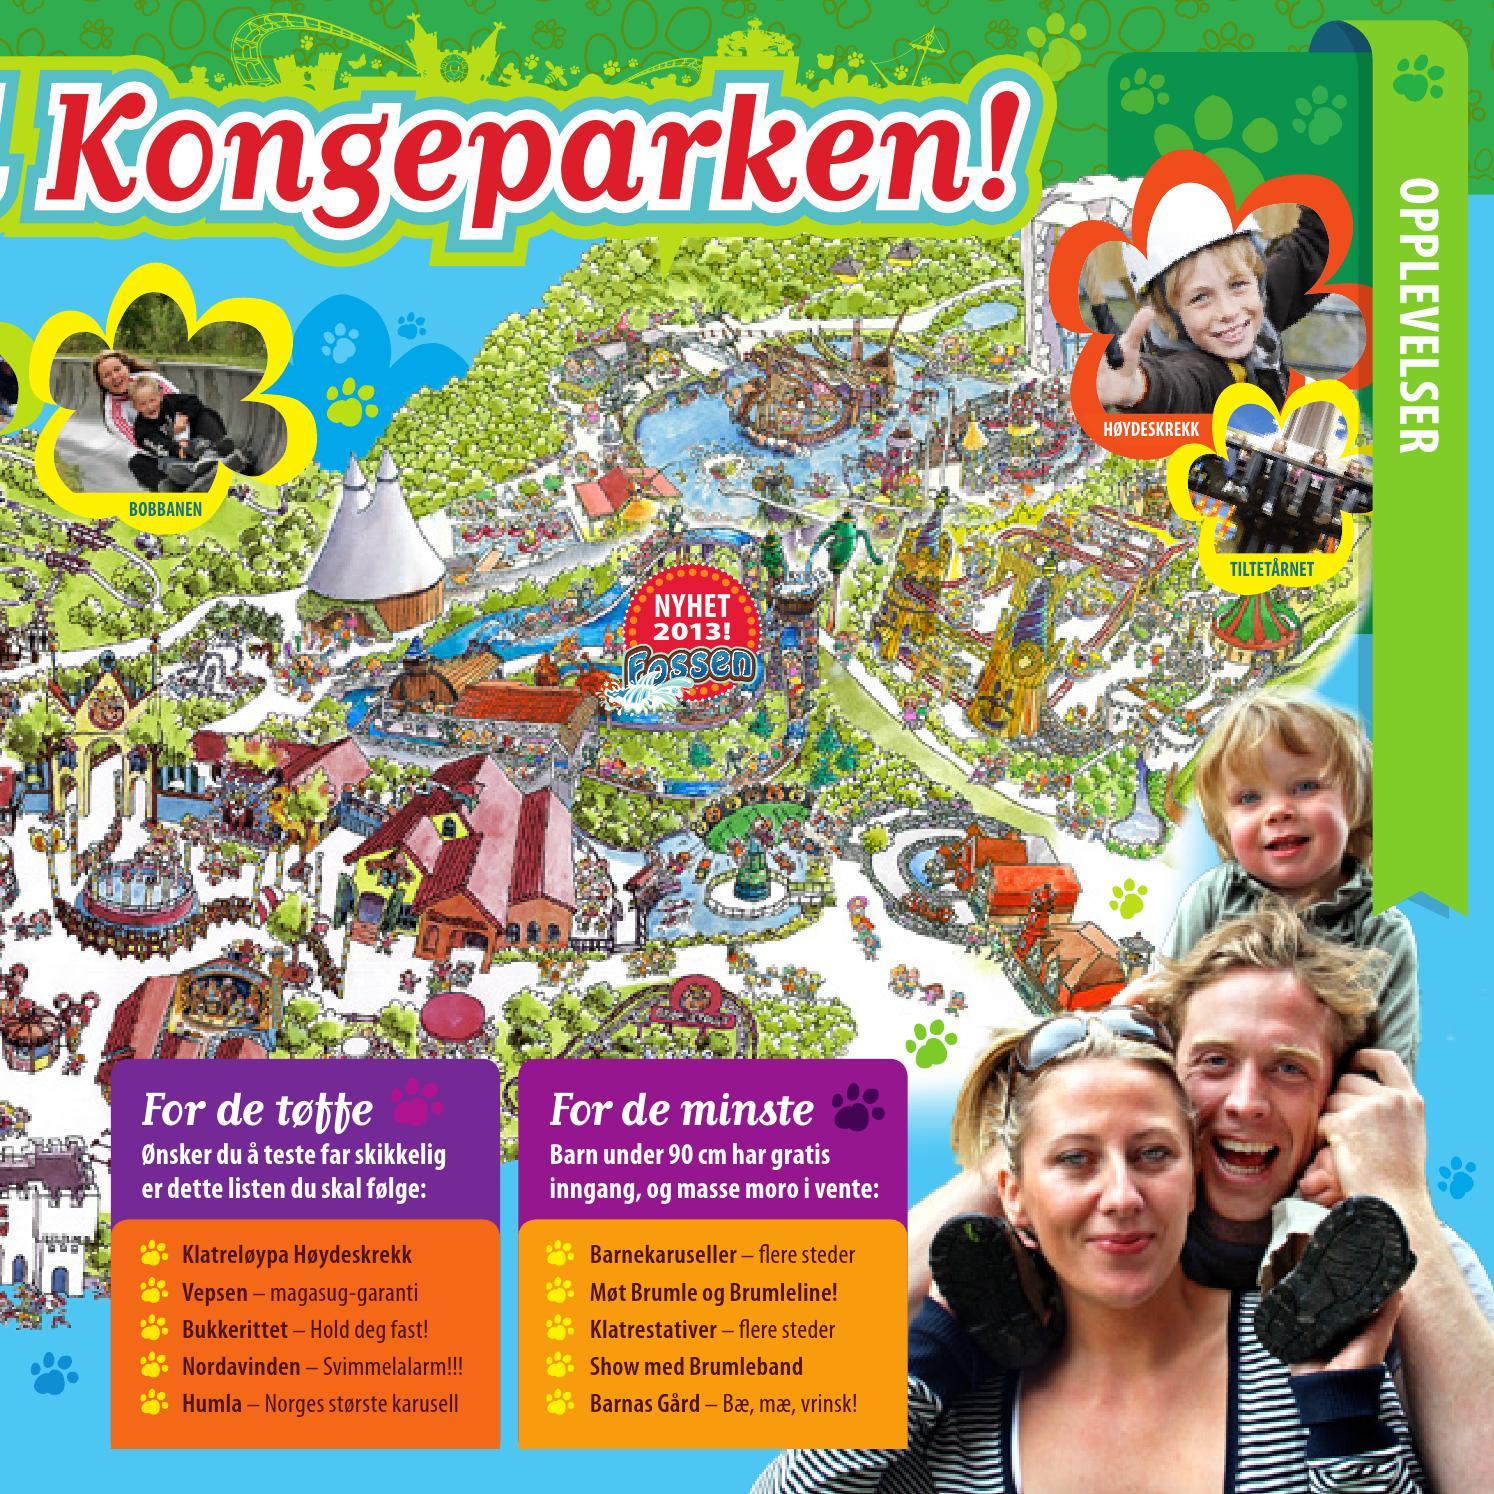 kongeparken kart Kongeparken brosjyre 2013 by Kongeparken   issuu kongeparken kart